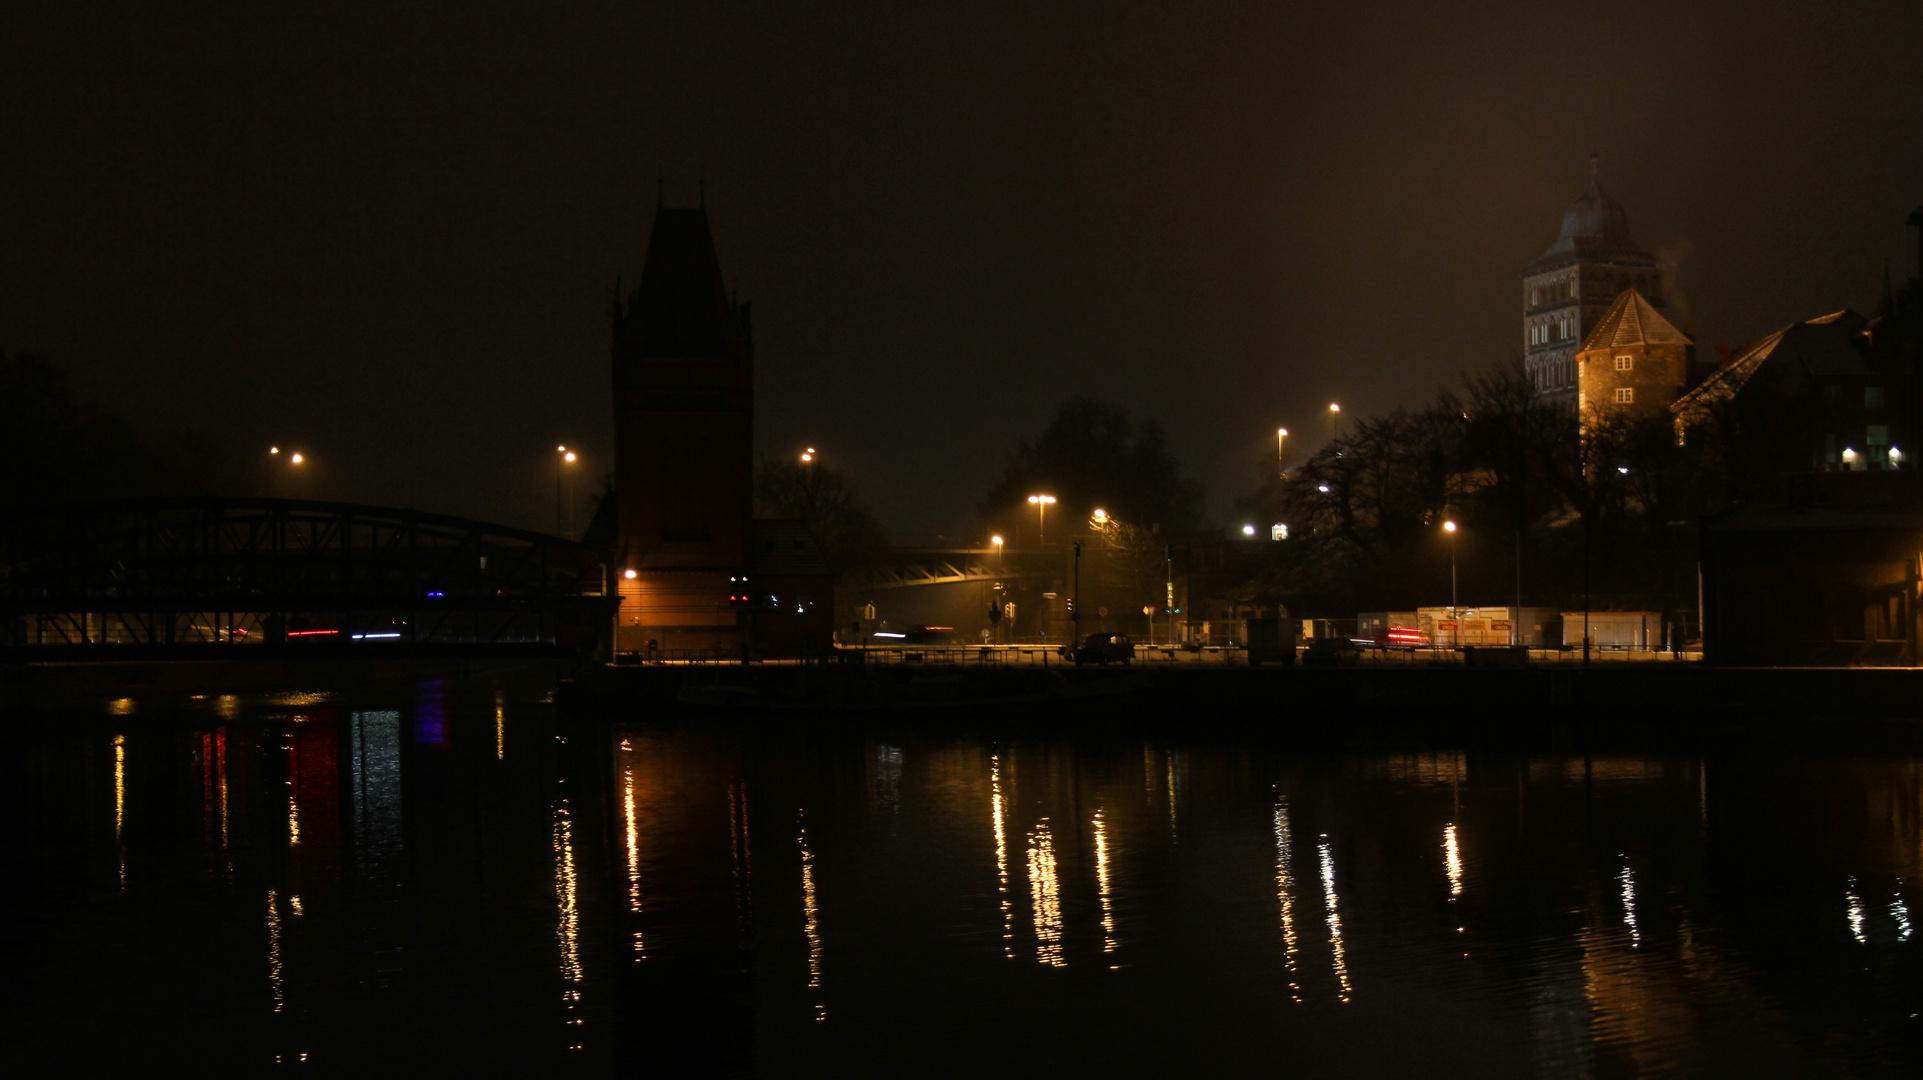 Burgtor mit der Hubbrücke bei Night